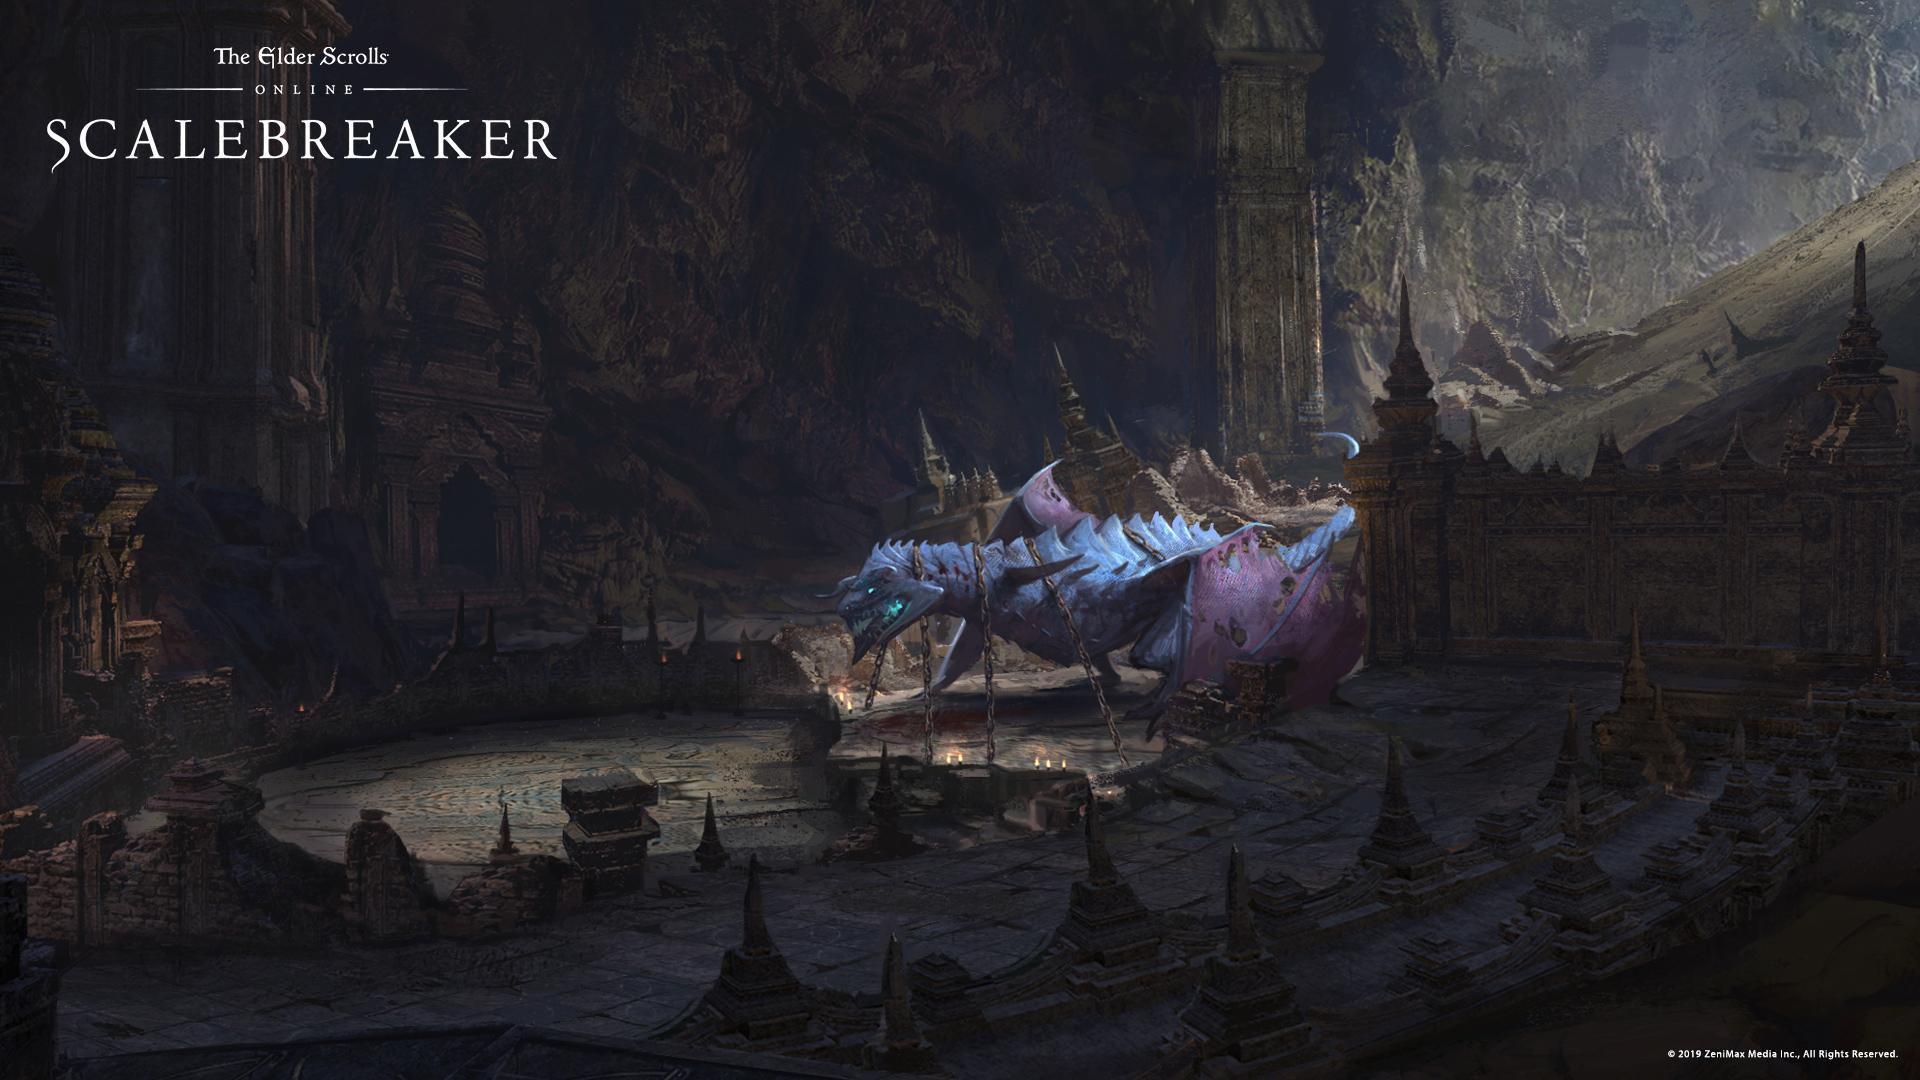 The Elder Scrolls Online Scalebreaker Elder Scrolls Fandom